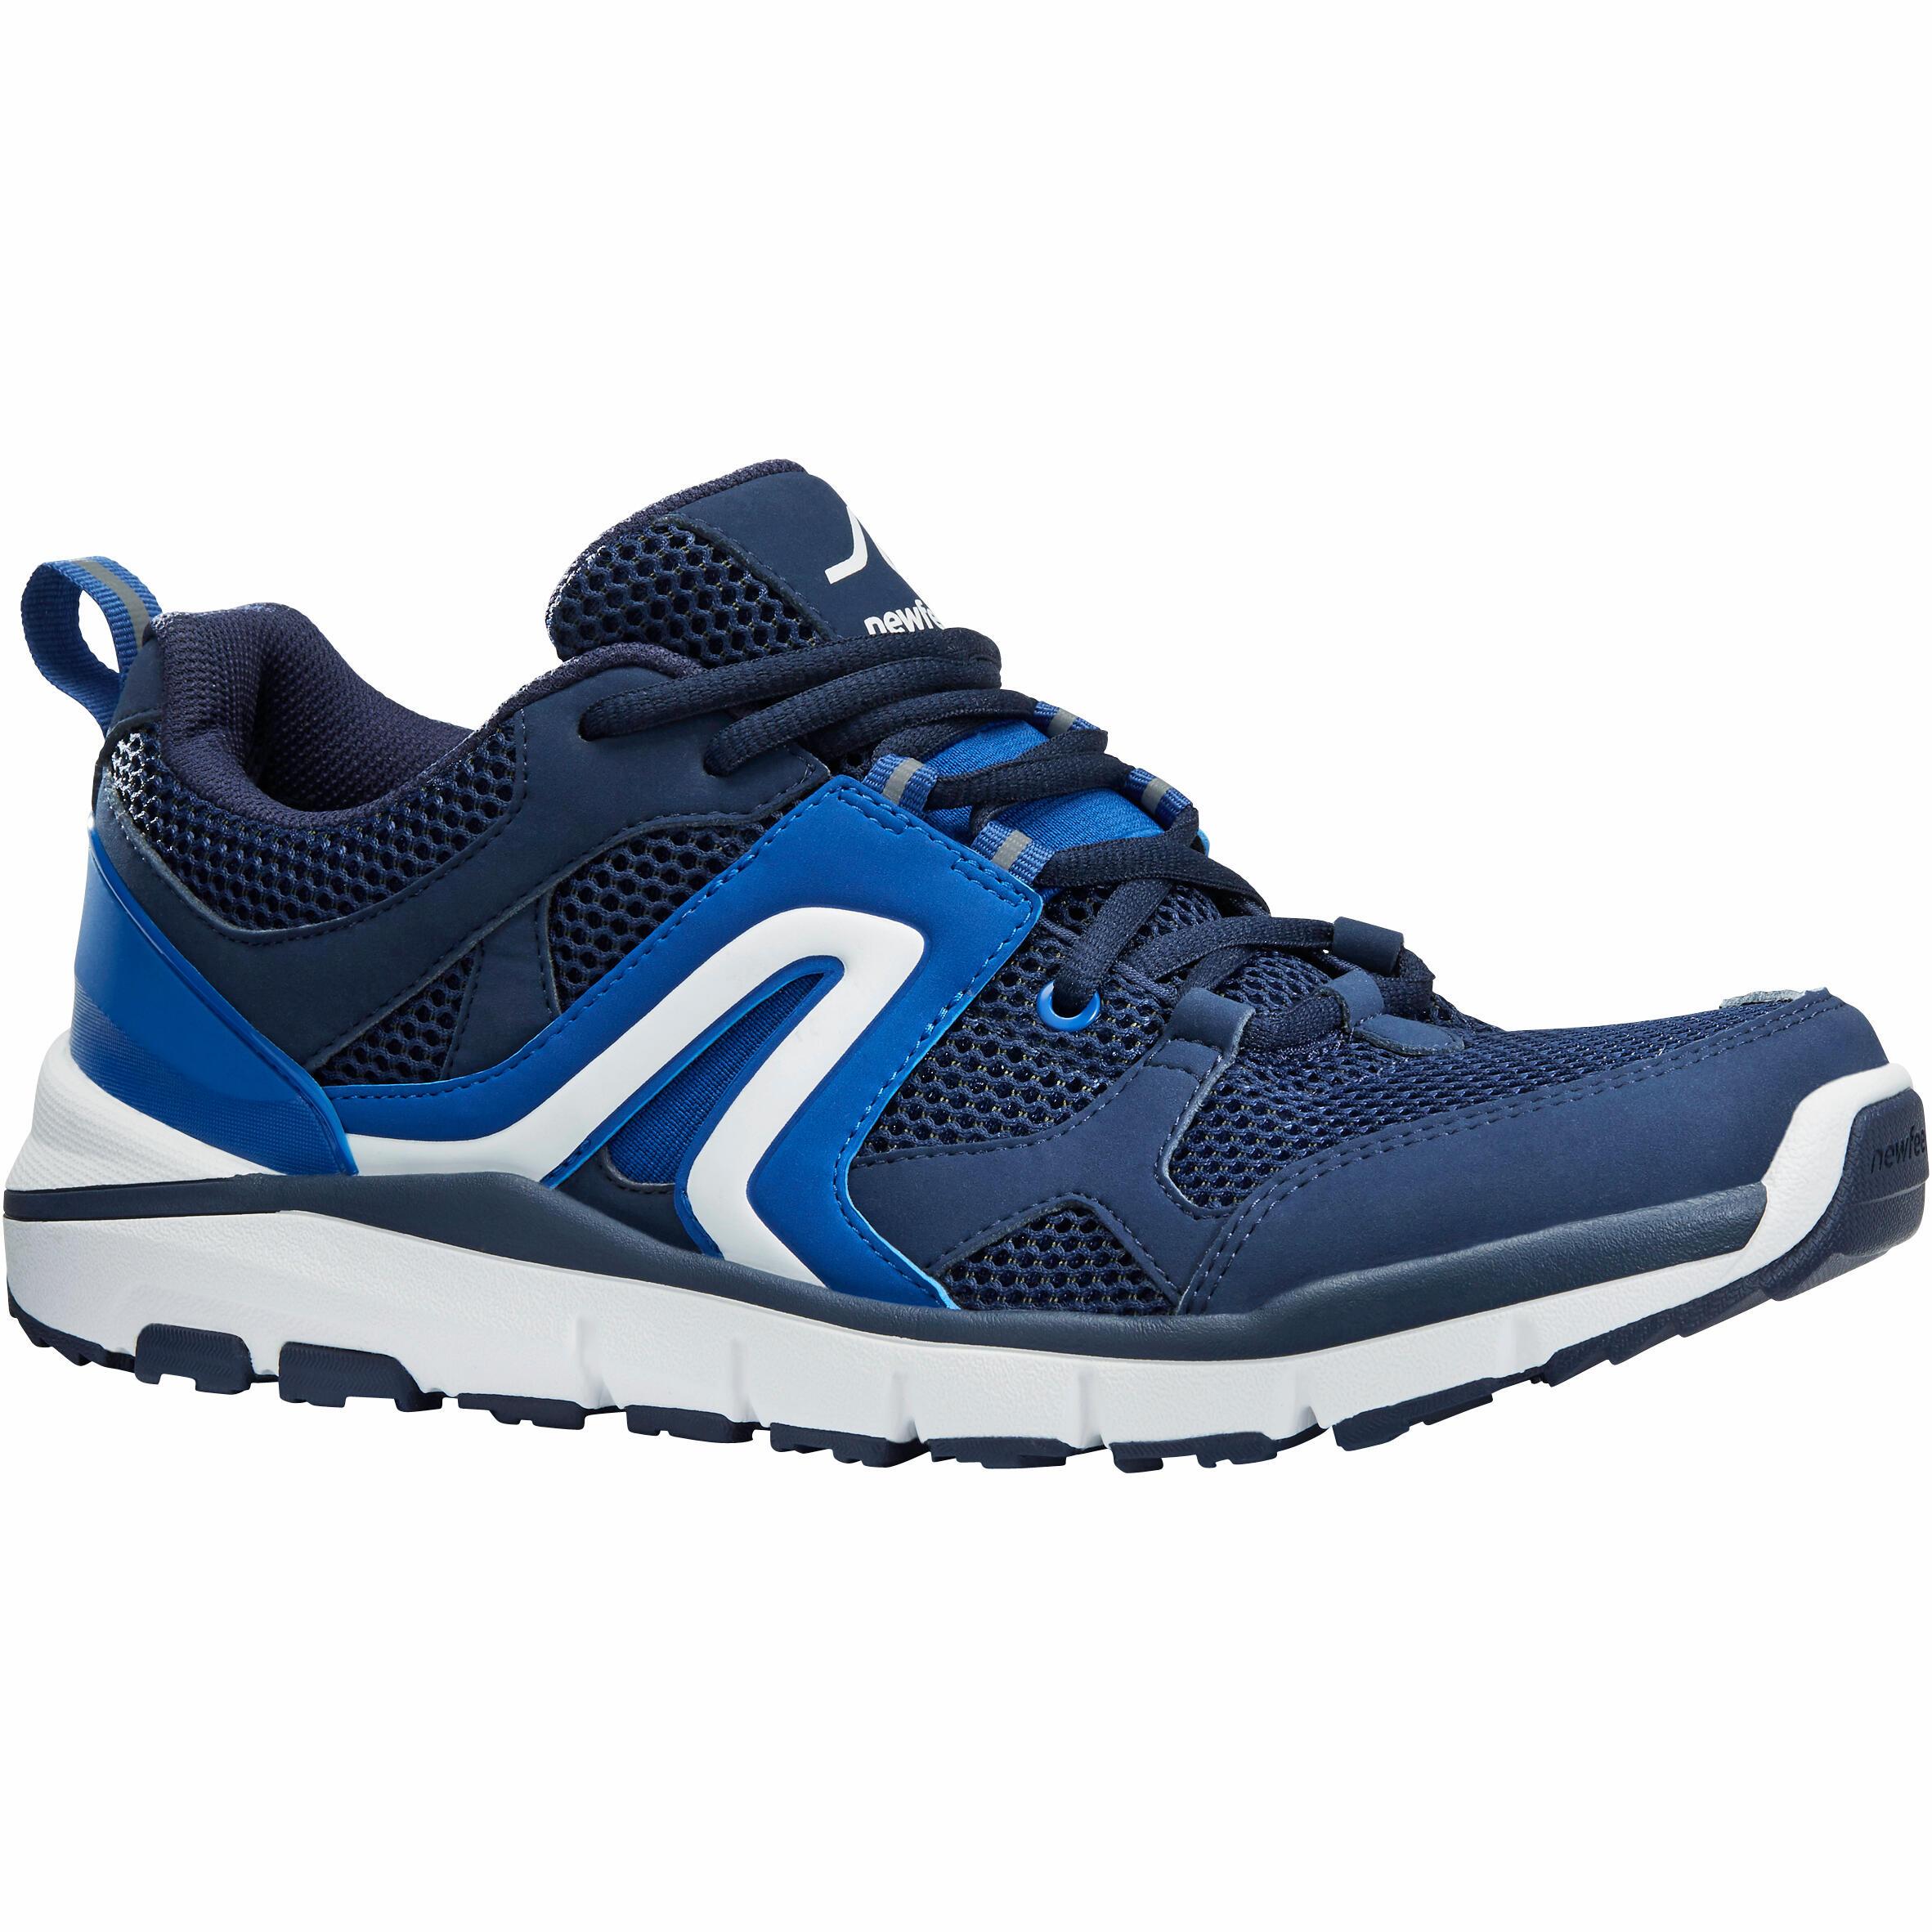 Newfeel Chaussures marche sportive homme HW 500 Mesh marine - Newfeel